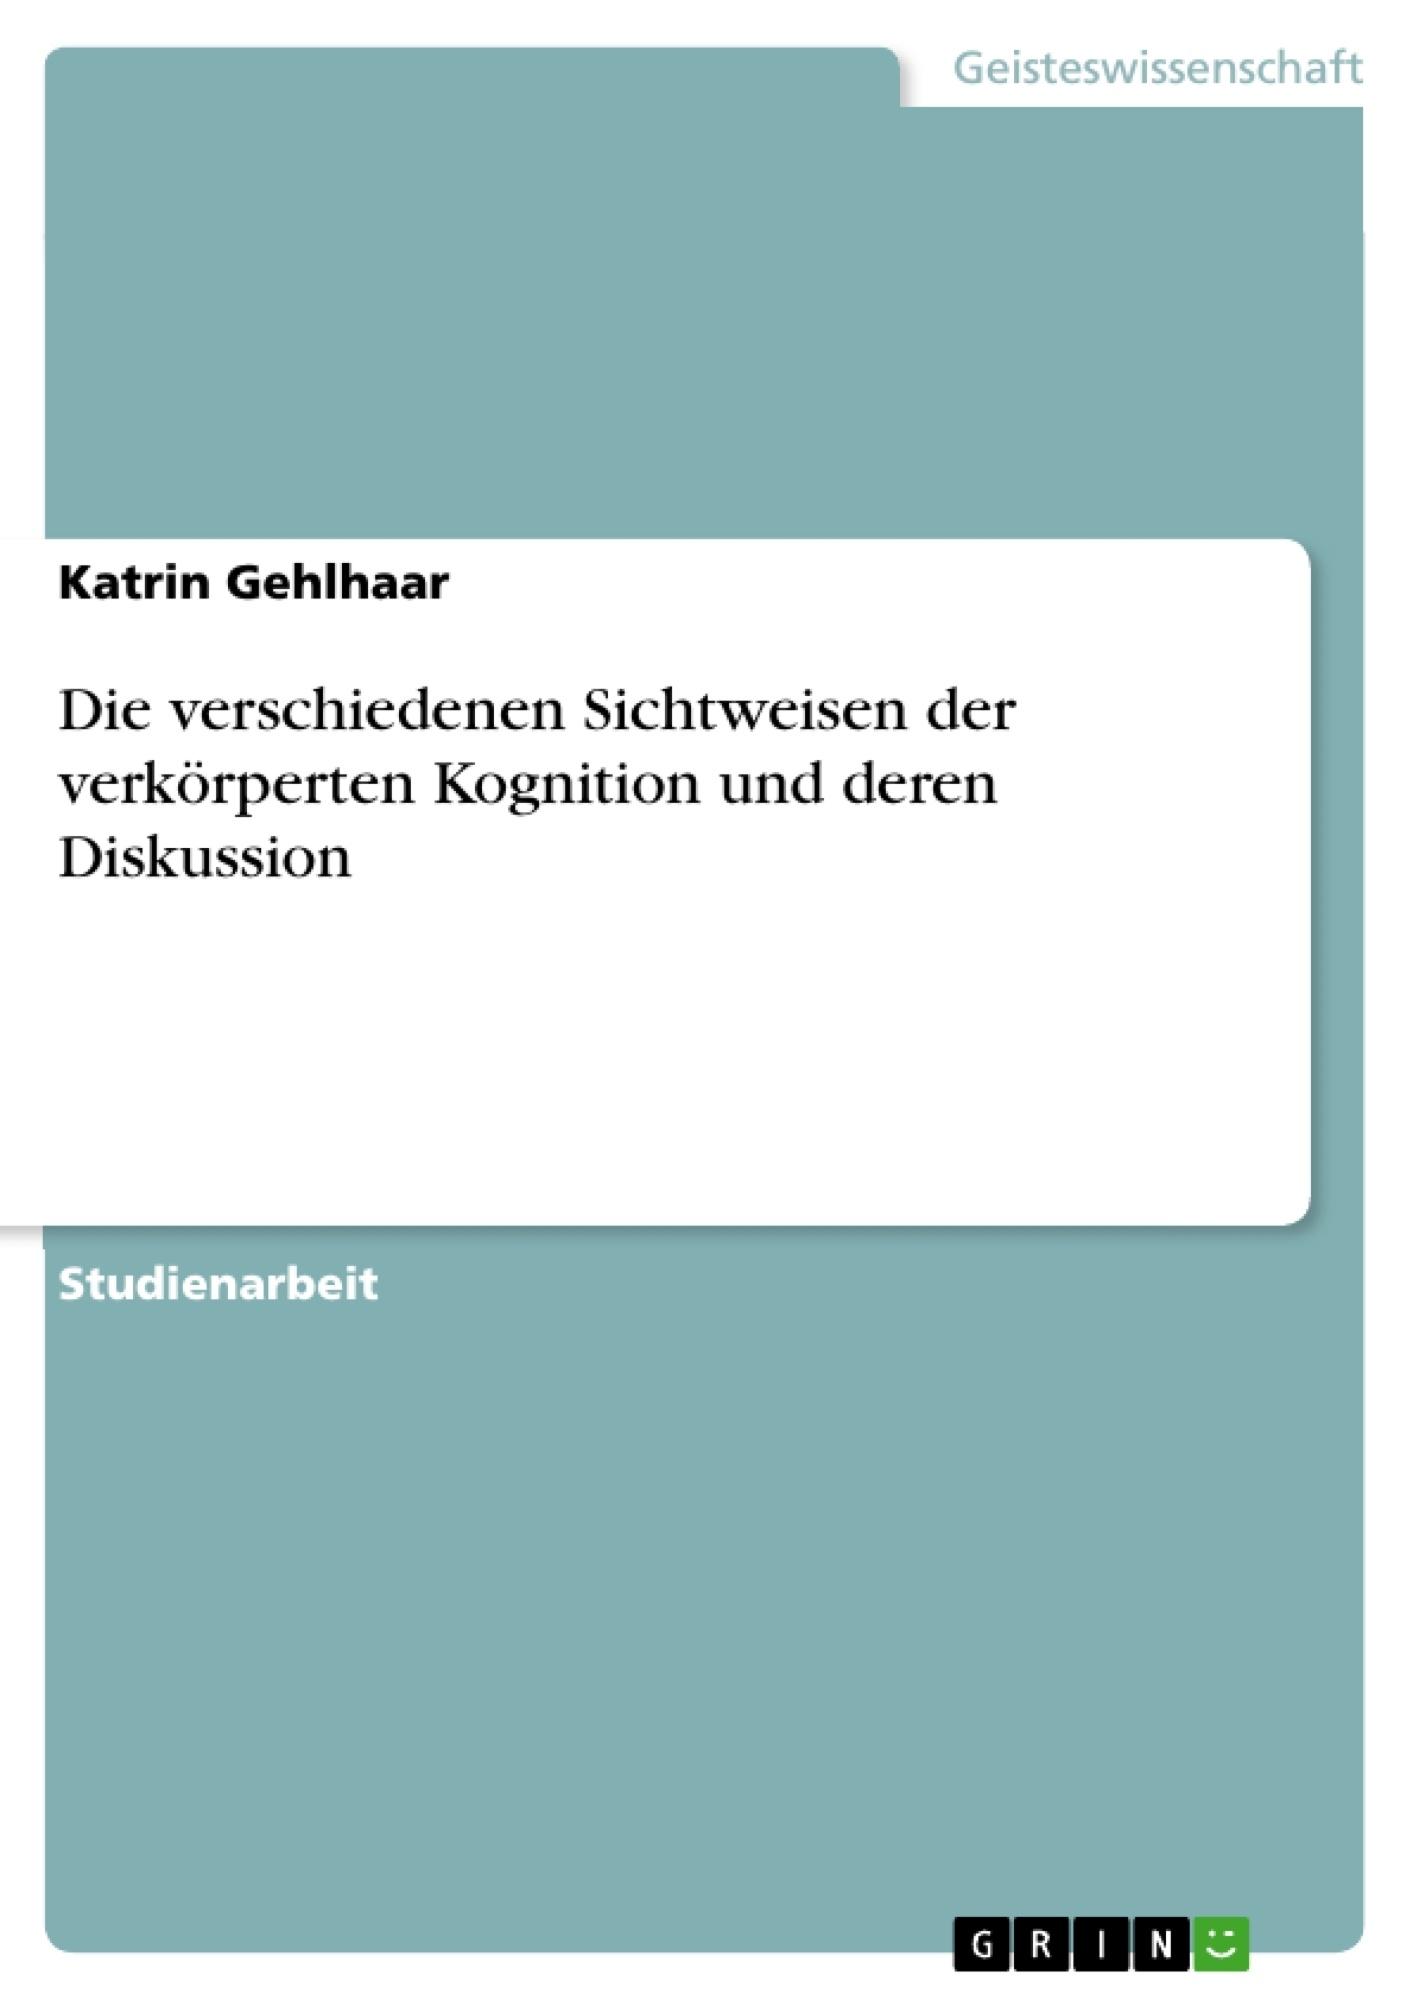 Titel: Die verschiedenen Sichtweisen der verkörperten Kognition und deren Diskussion